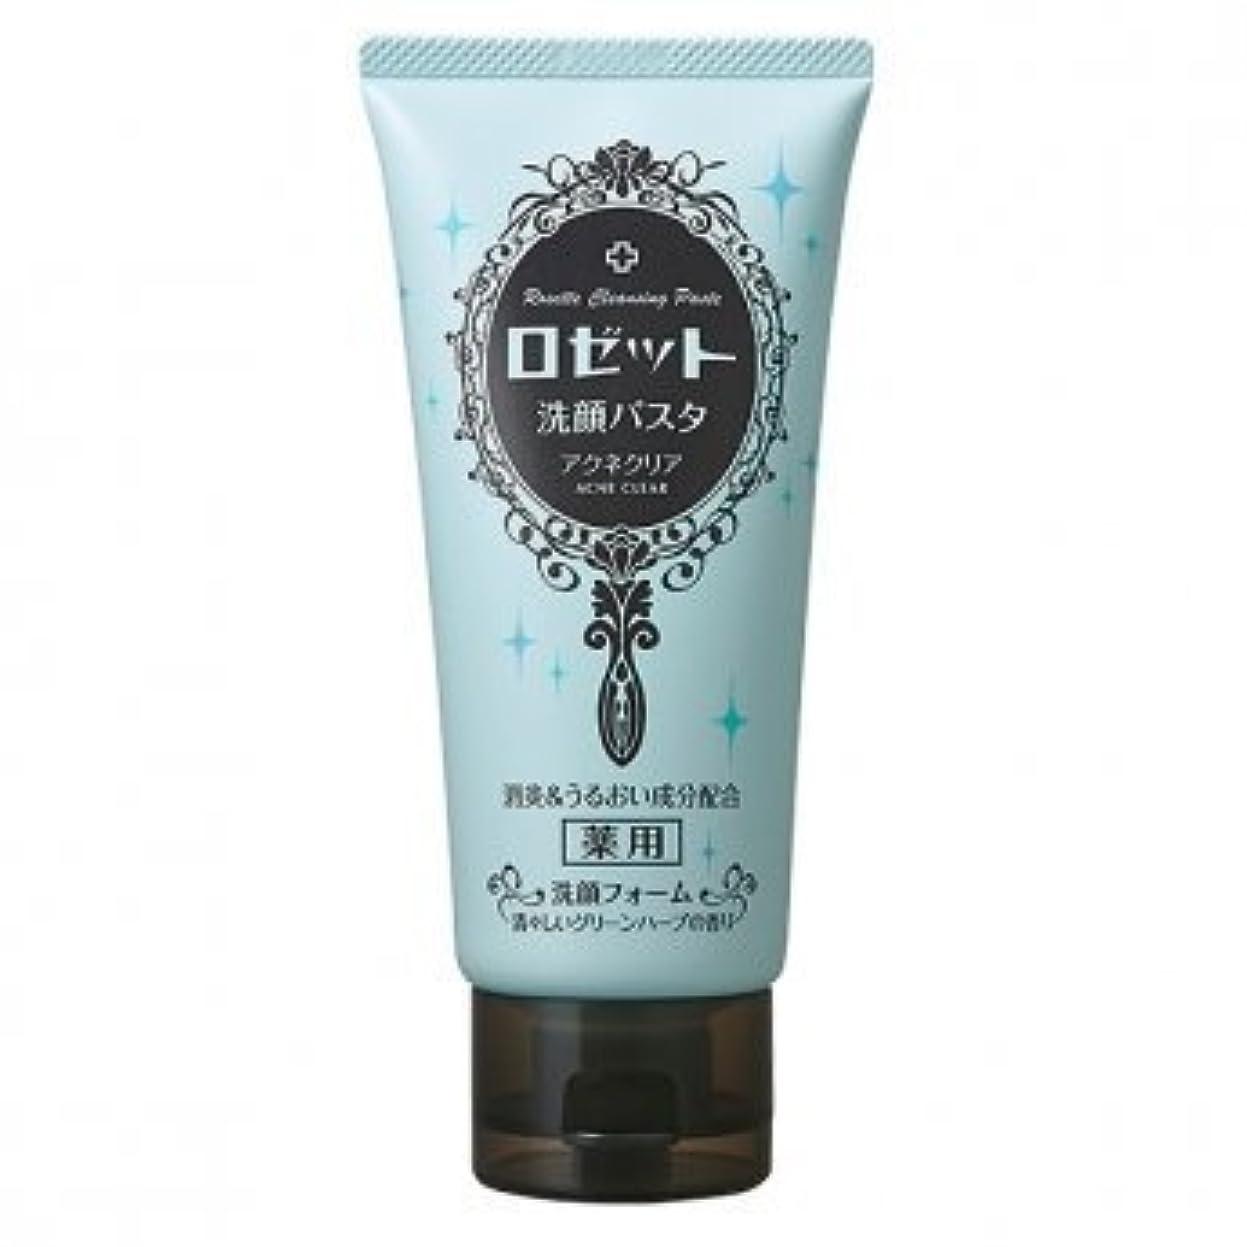 ロゼット洗顔パスタ アクネクリア × 10個セット